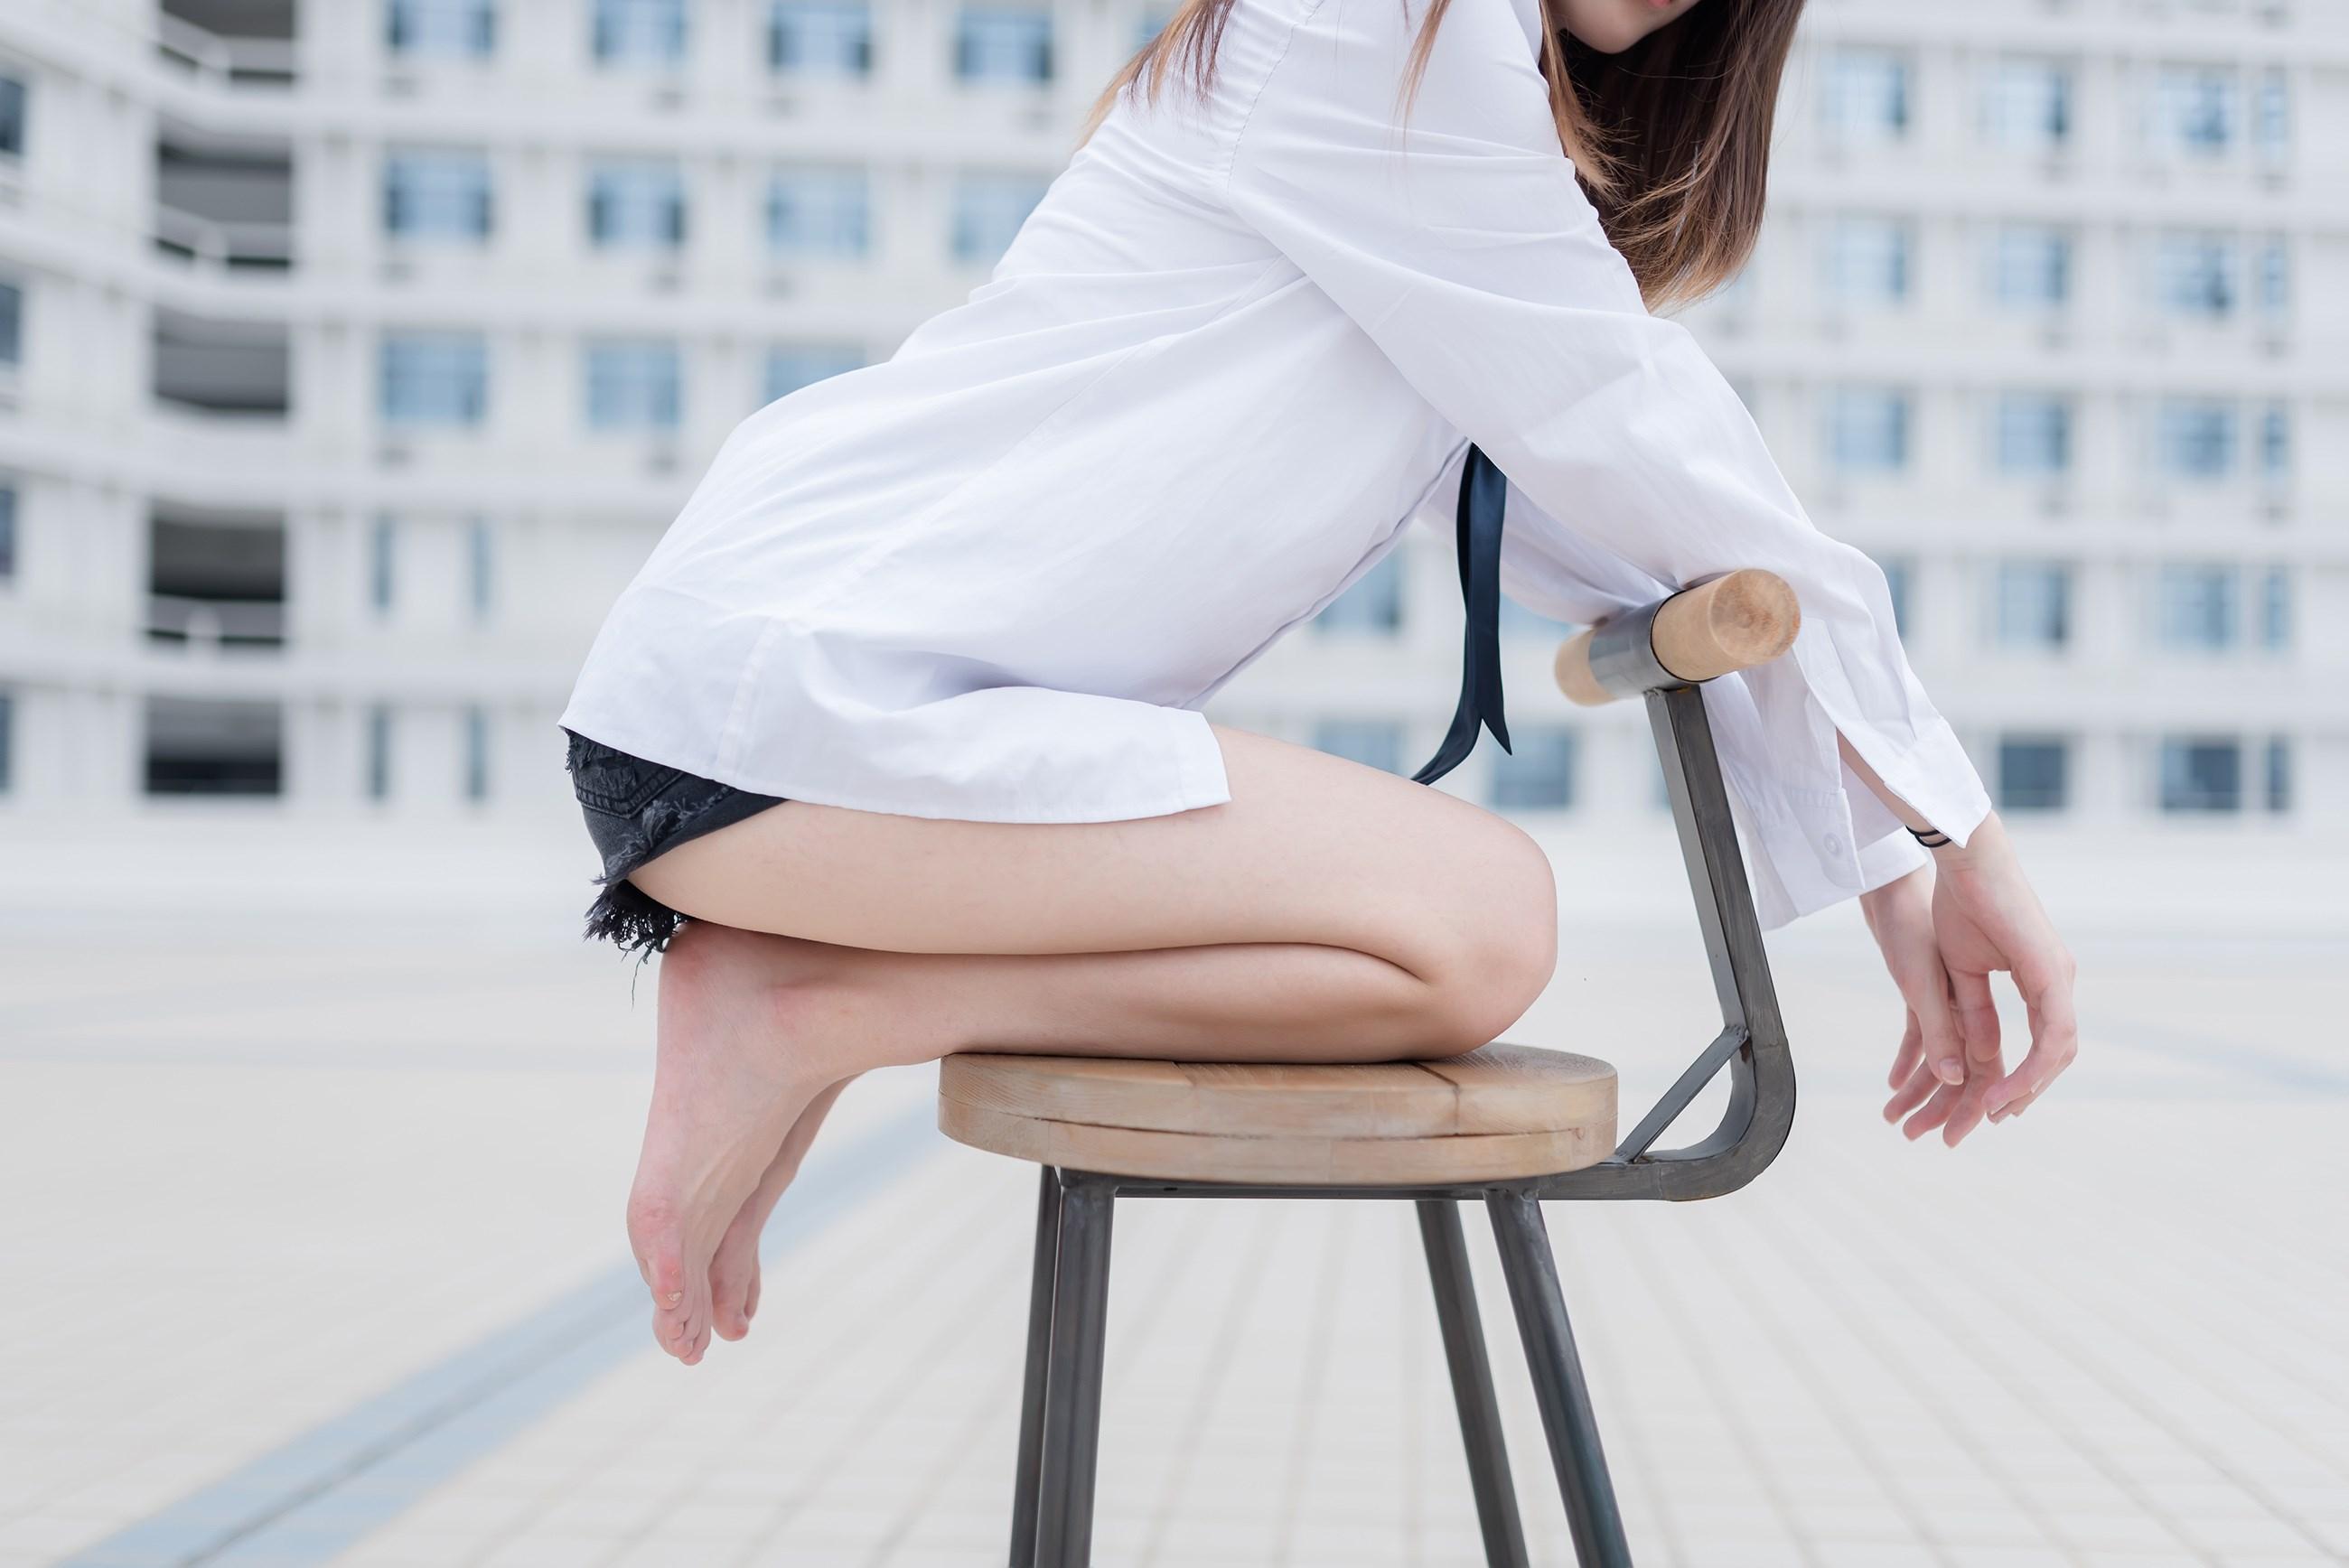 【兔玩映画】裸脚白衬衫 · 足控福利 兔玩映画 第18张